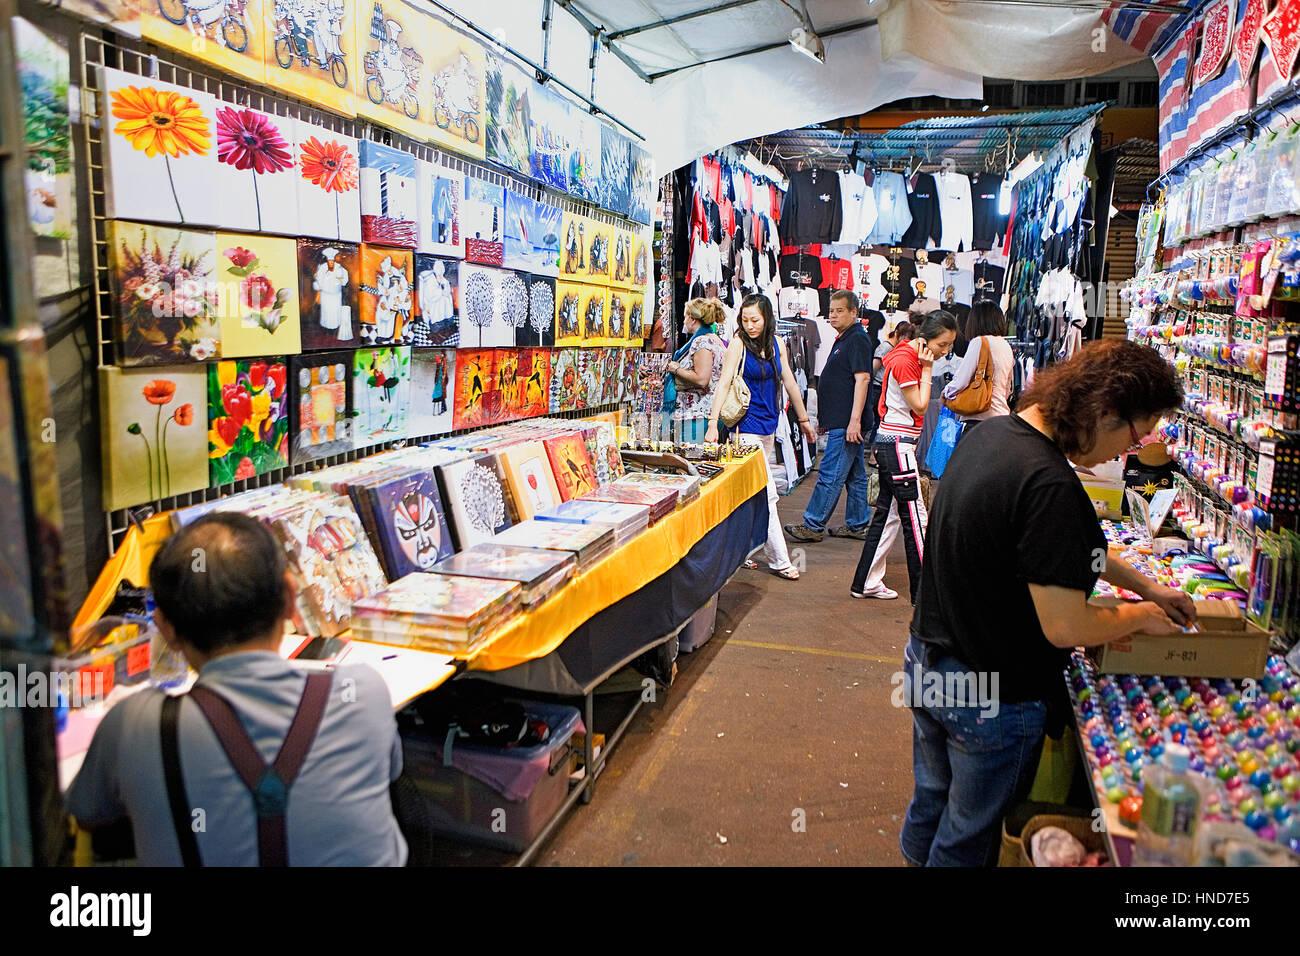 El mercado nocturno de la calle Temple, Kowloon, Hong Kong, China Imagen De Stock